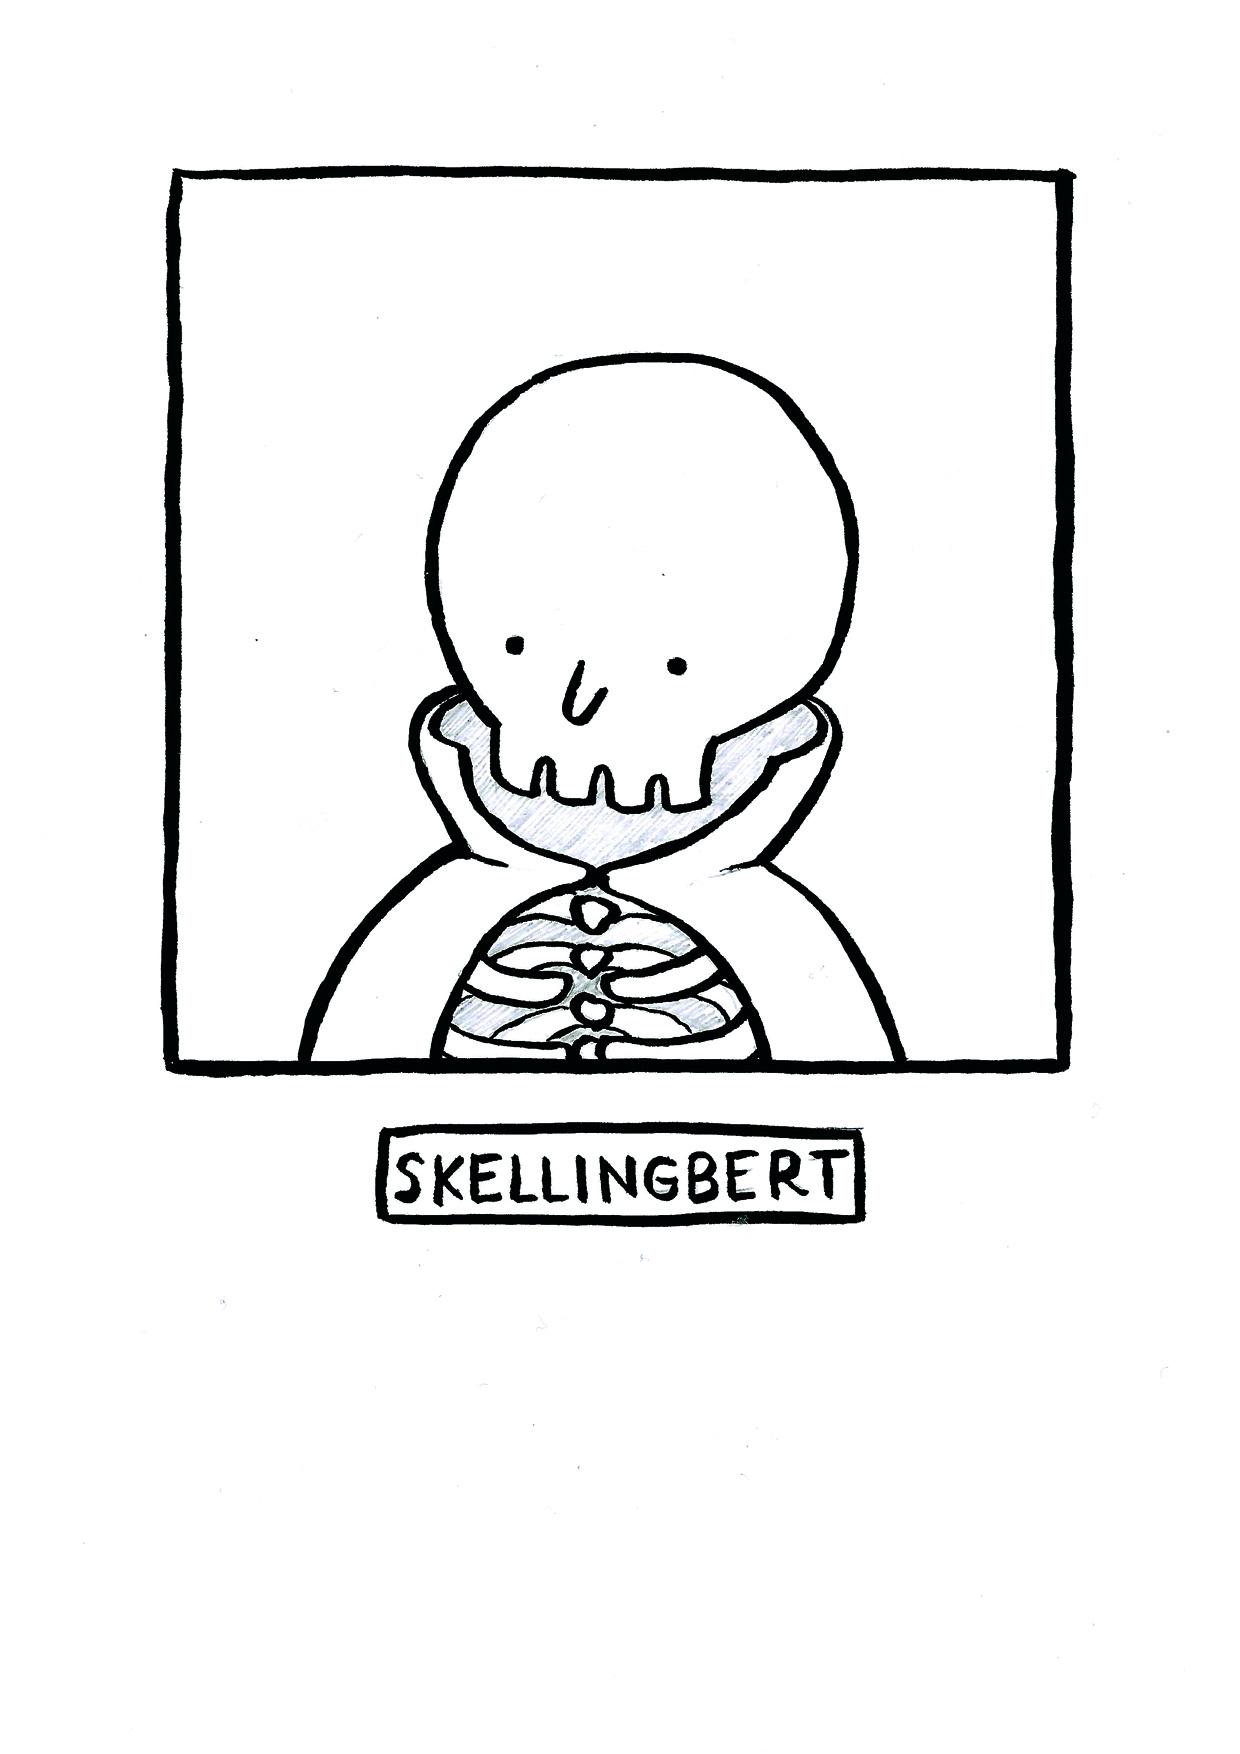 Skellingbert